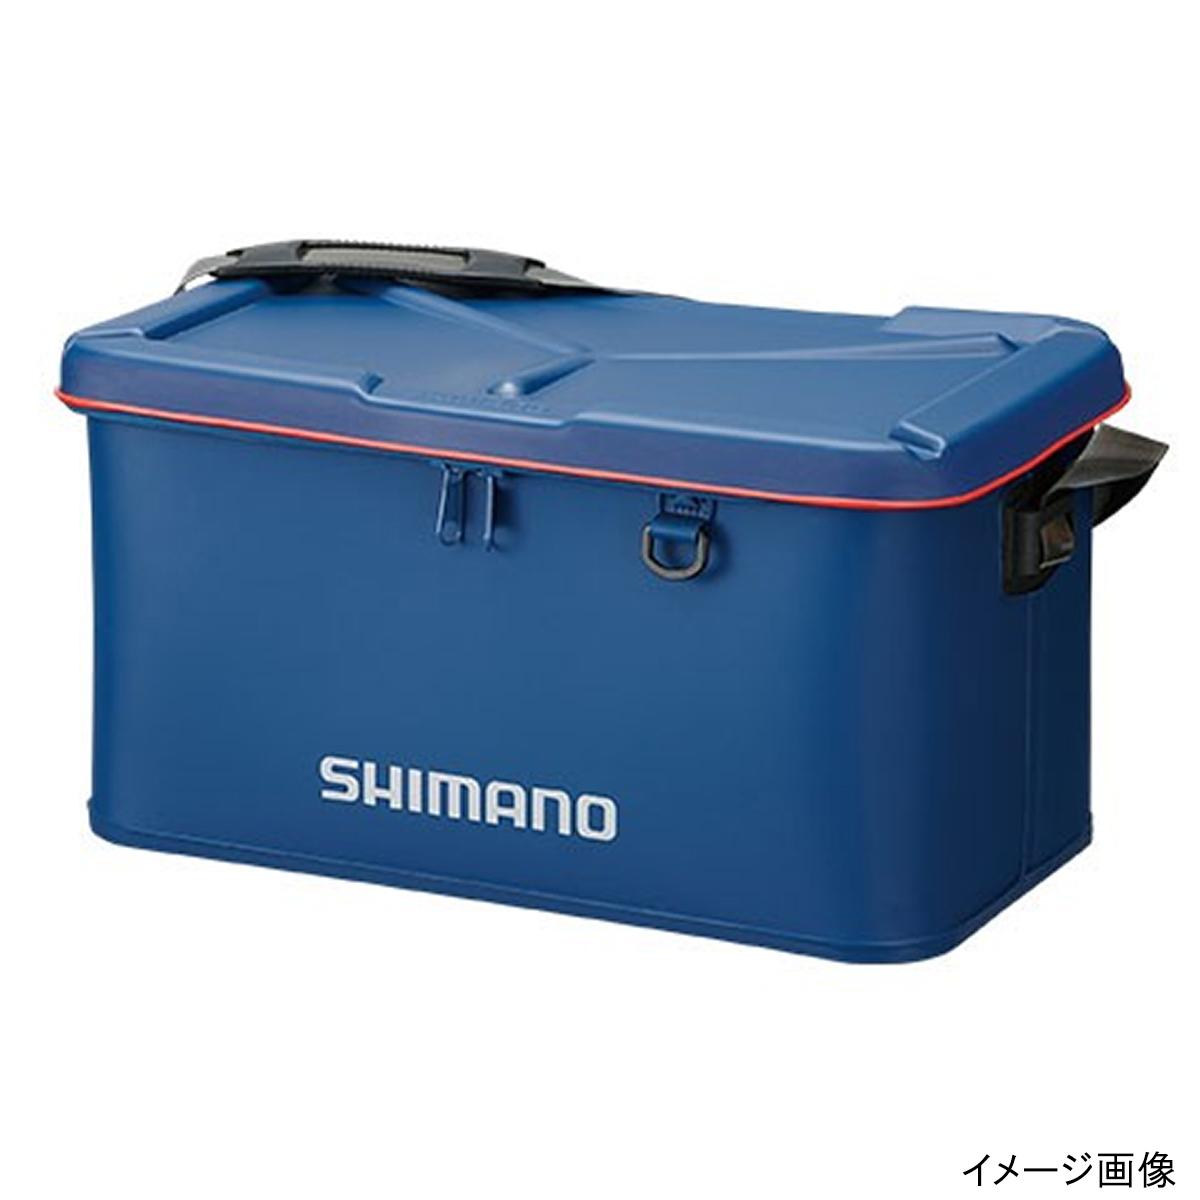 シマノ EVA シールドバッグ(ハードタイプ) BK-003Q 32L ネイビー(東日本店)